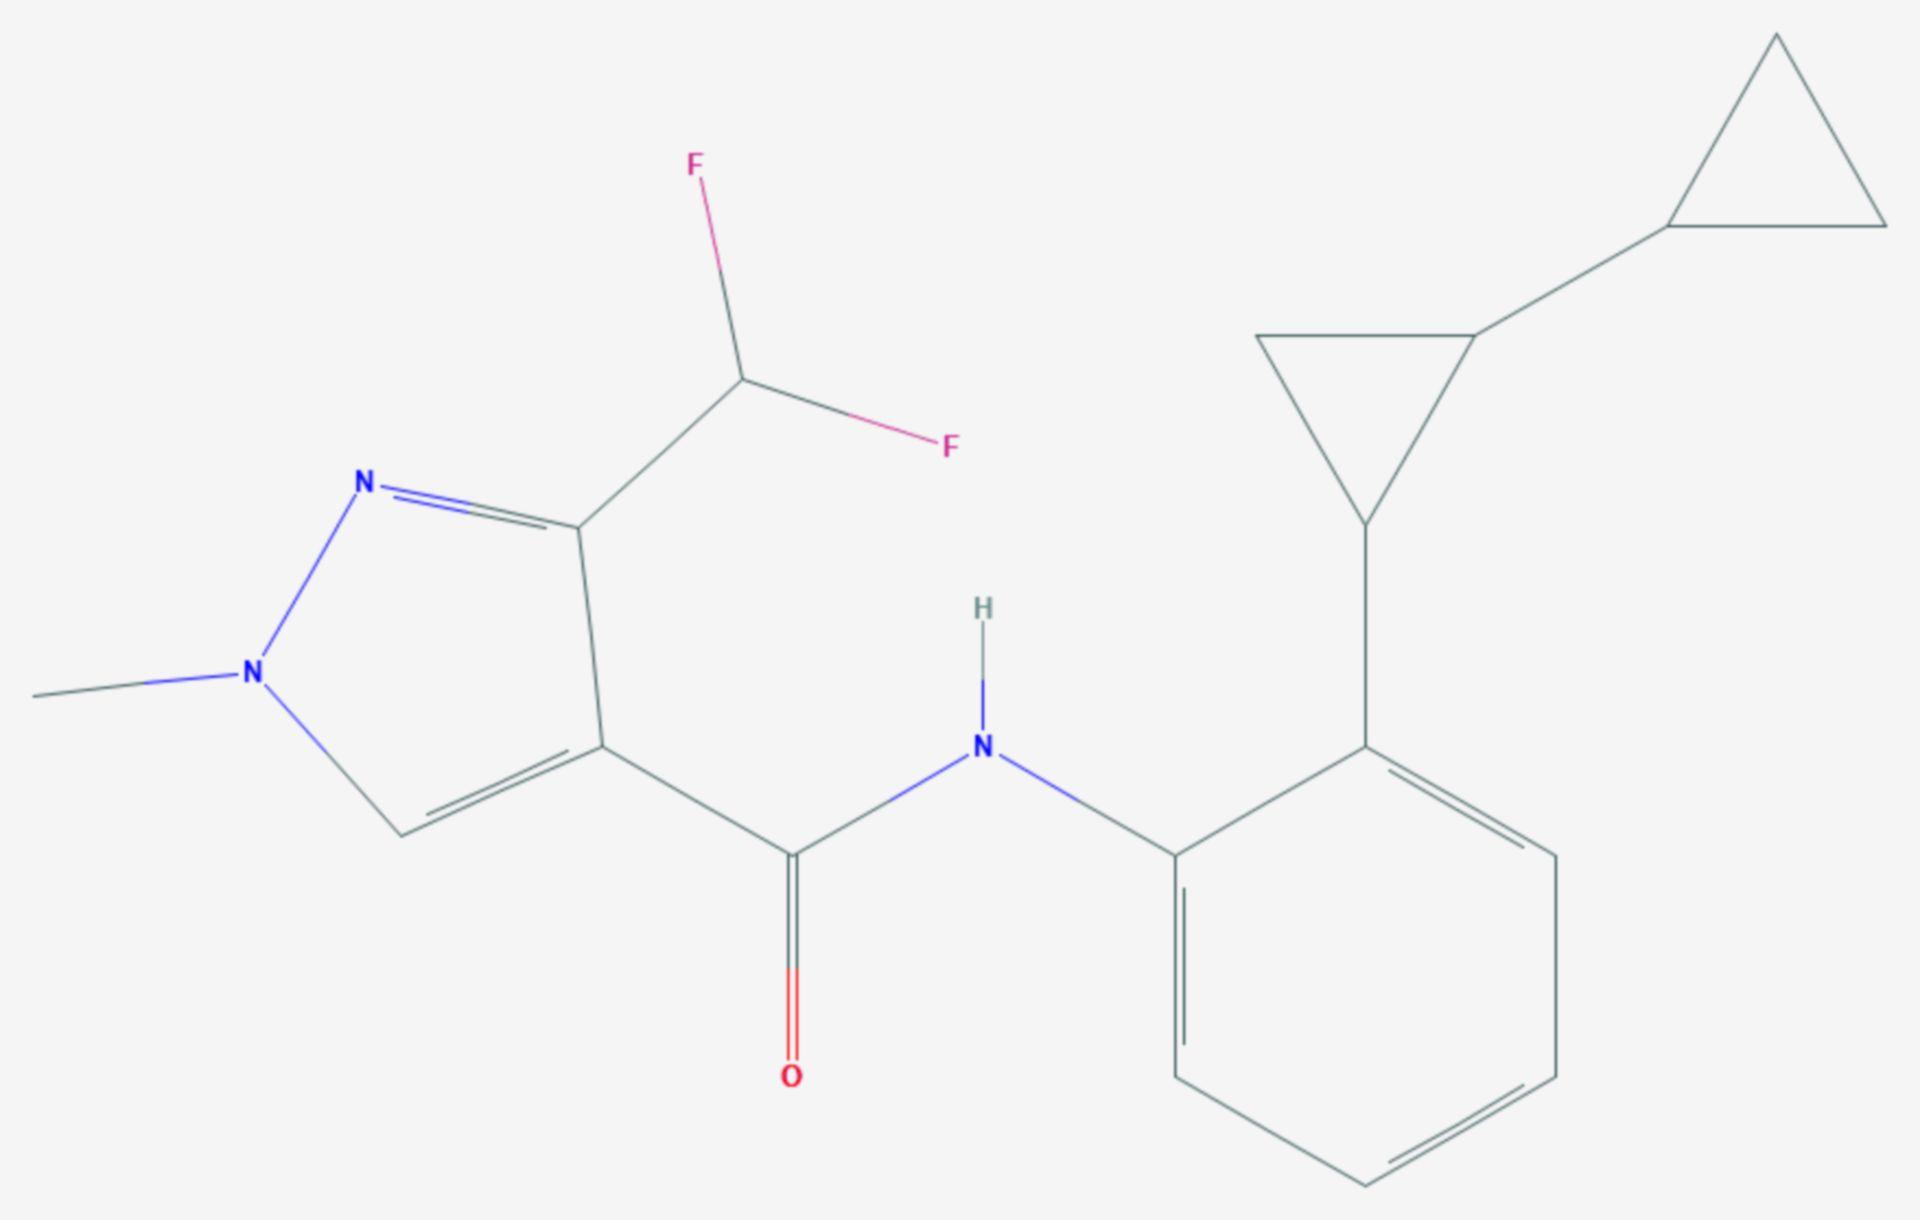 Sedaxan (Strukturformel)